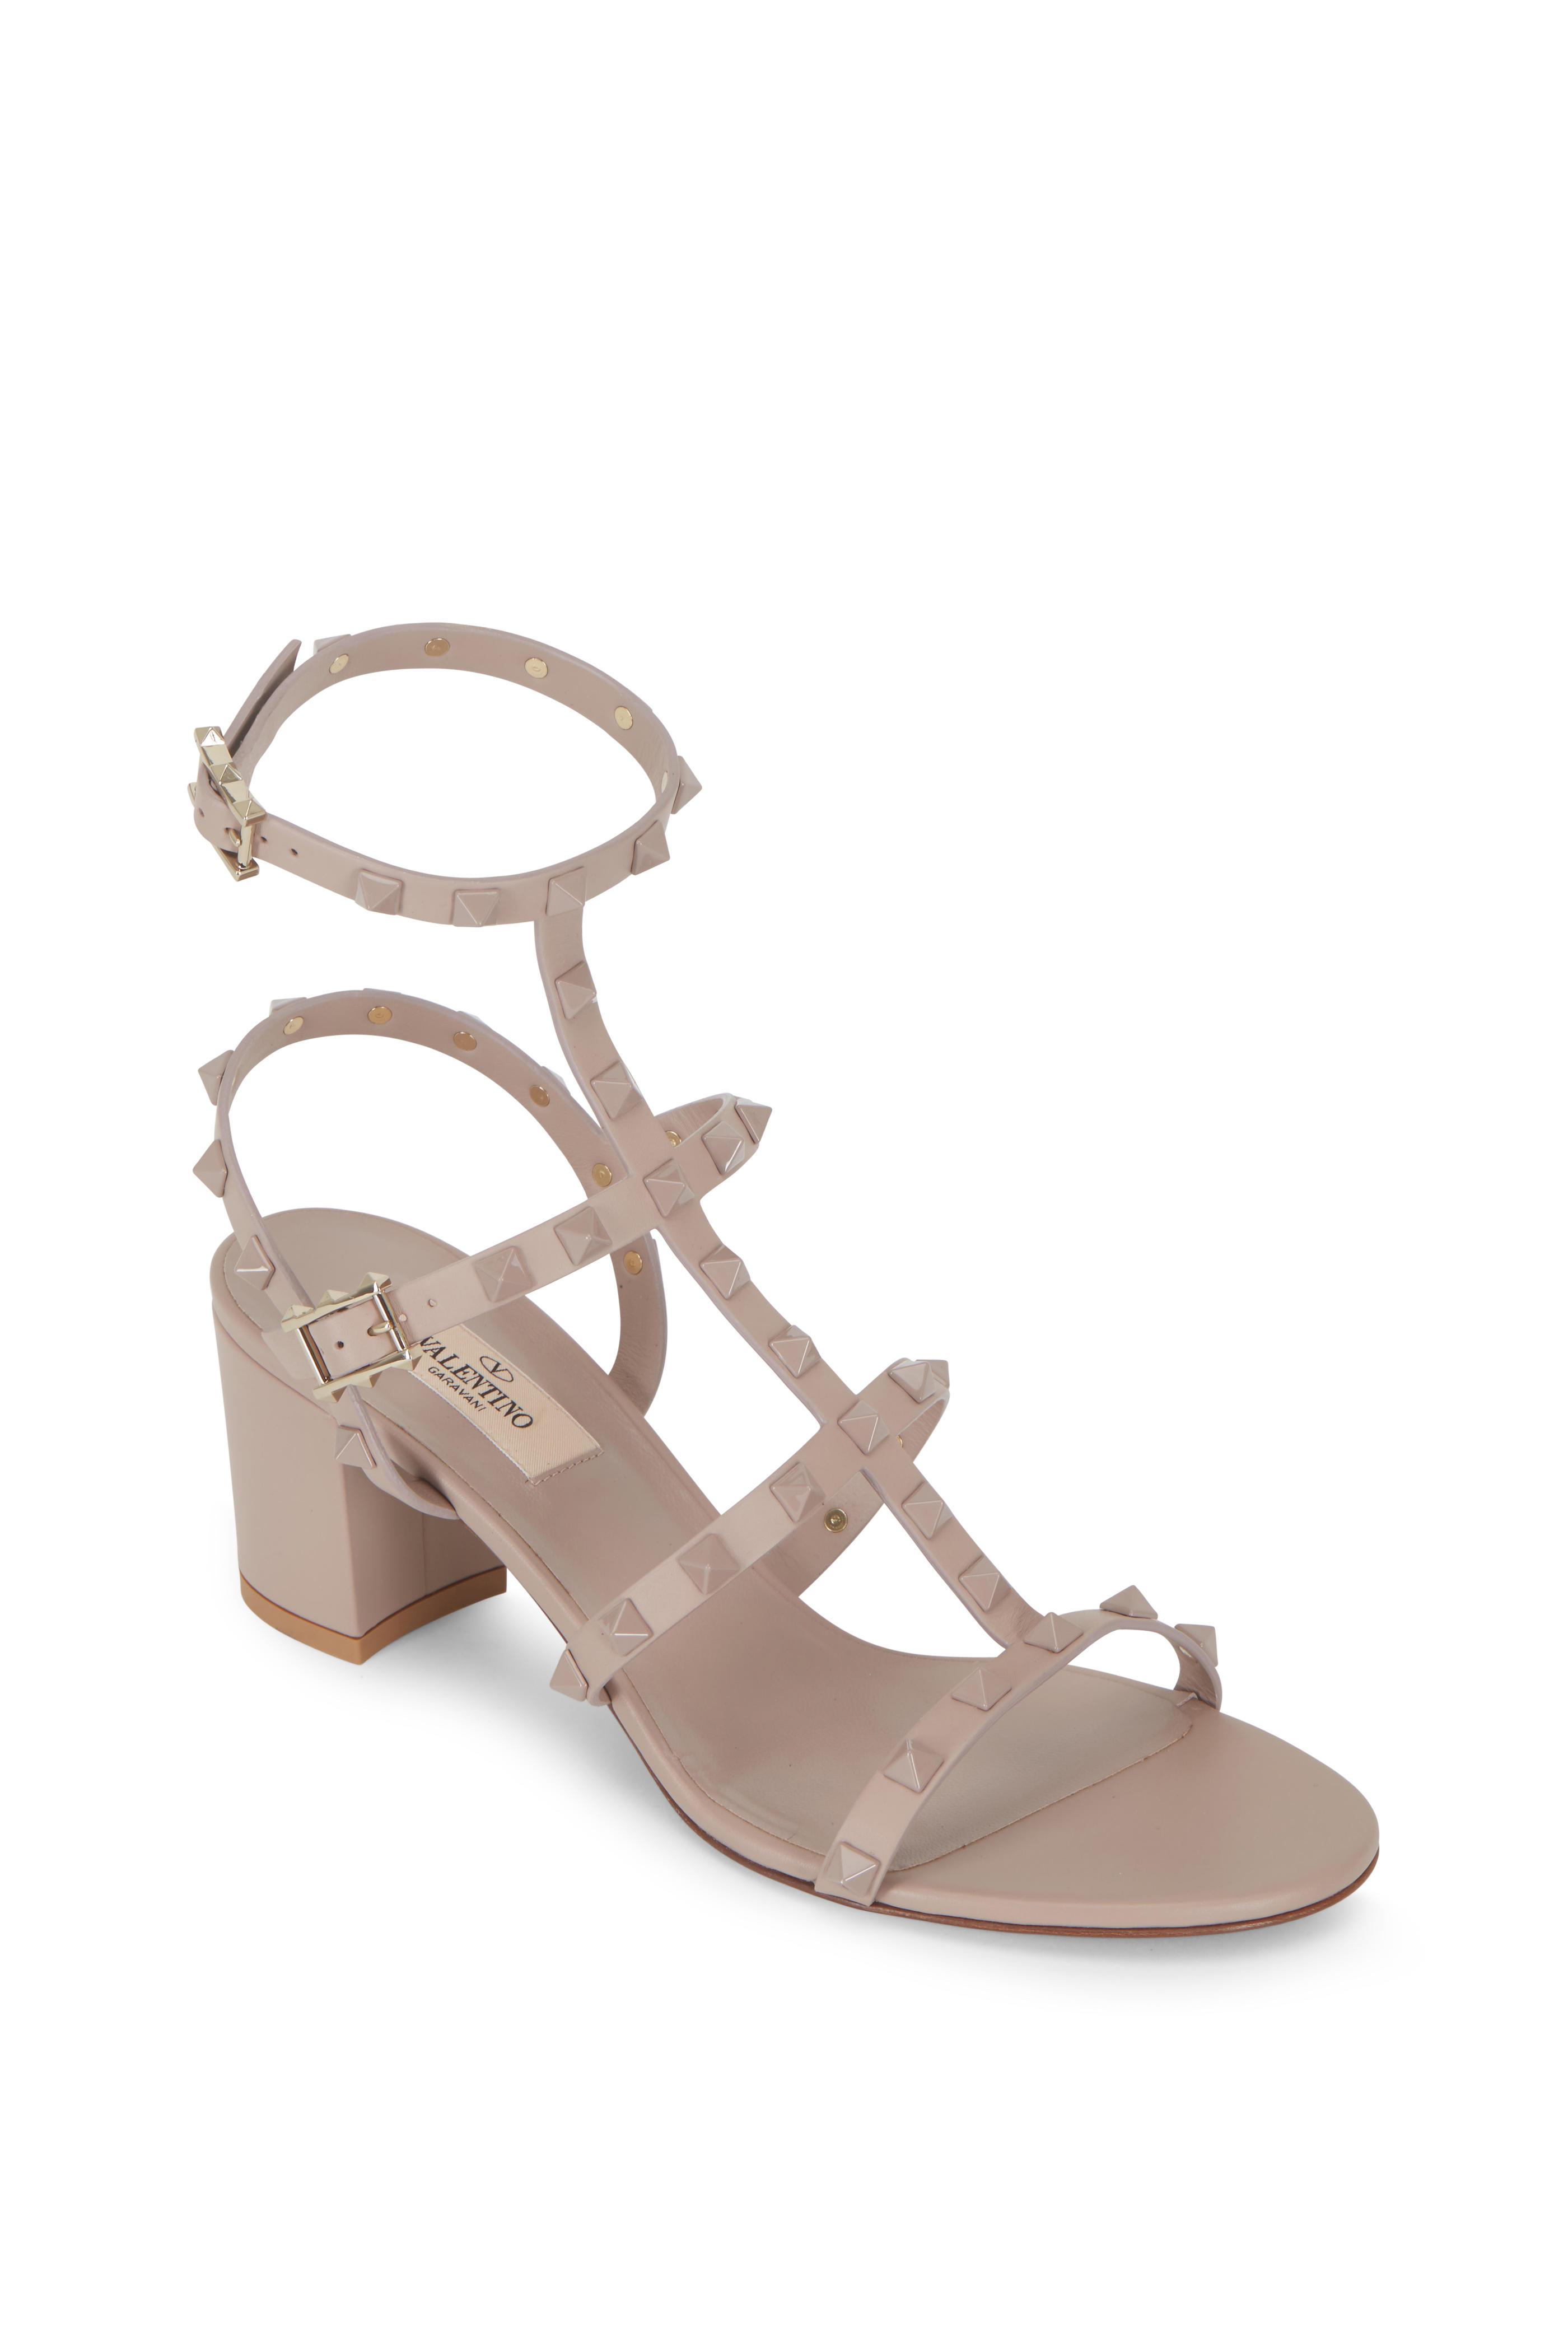 e83a1accd035 Valentino Garavani - Rockstud Poudre Leather T-Strap Sandal